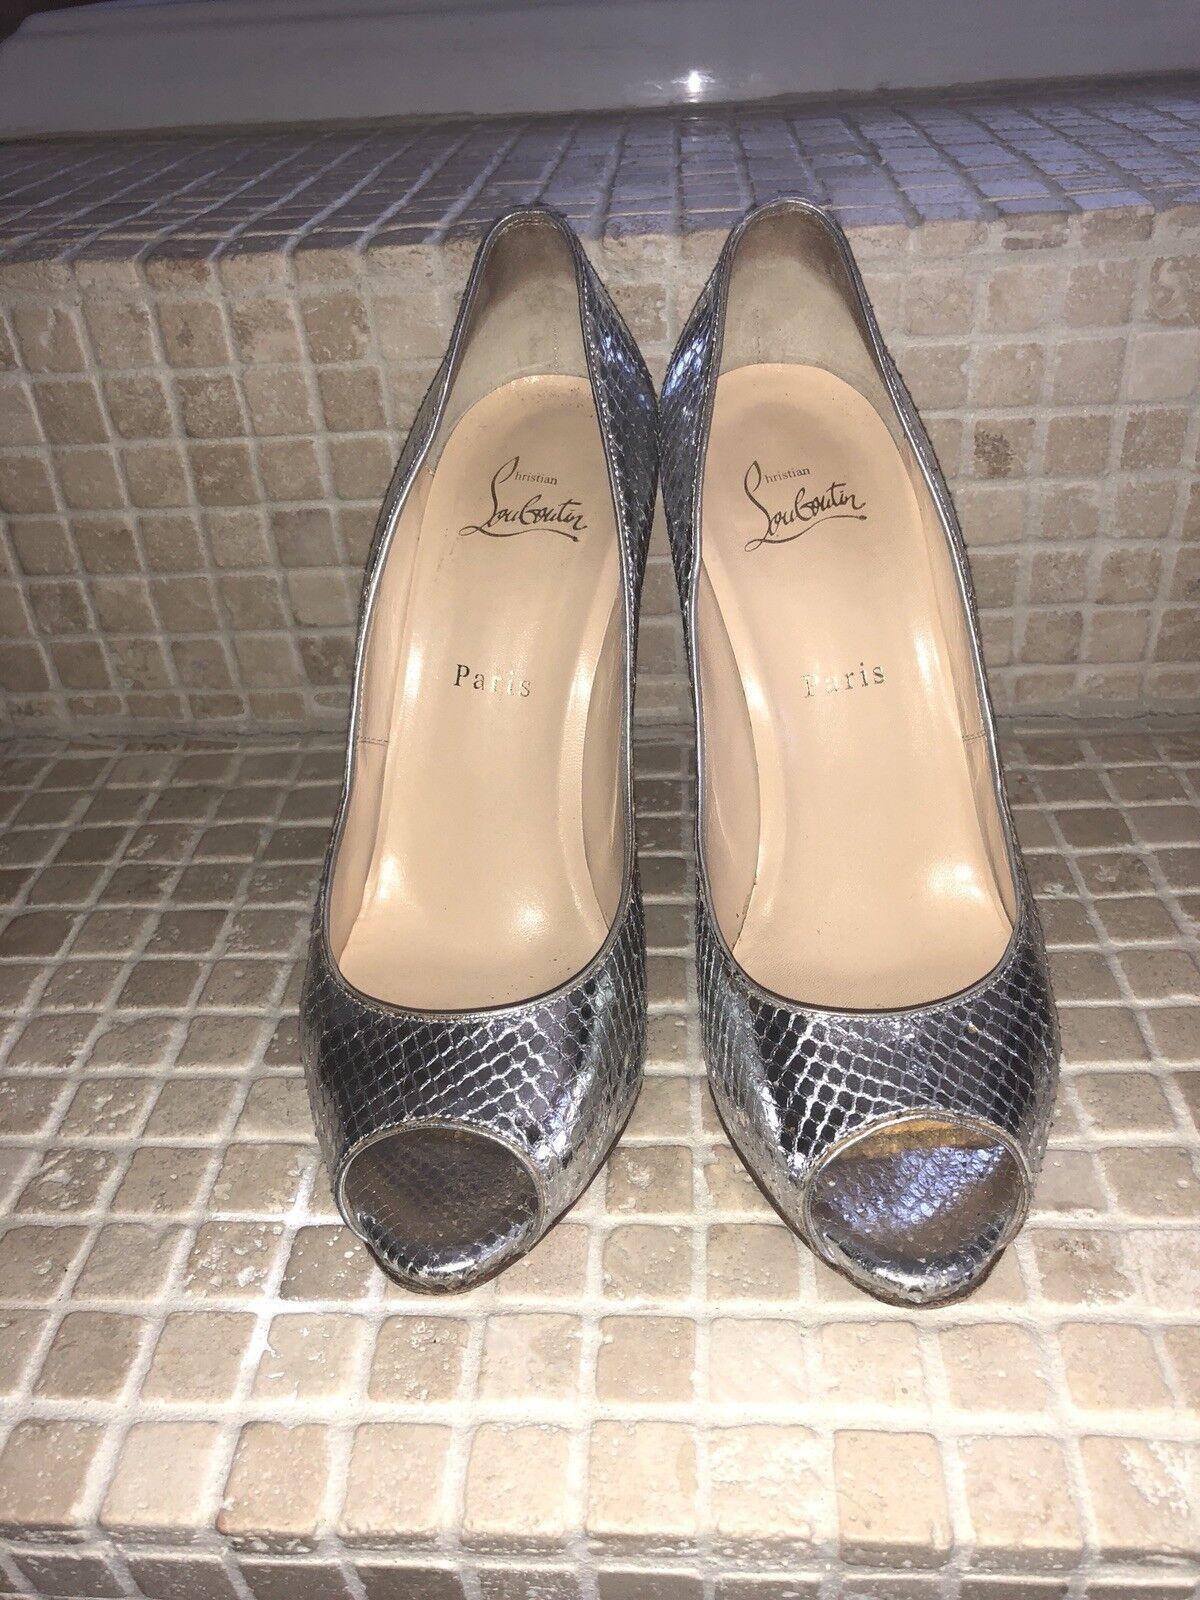 Christian louboutin  Lady Peep python snakeskin silver metallic metallic metallic shoes 9ad88c